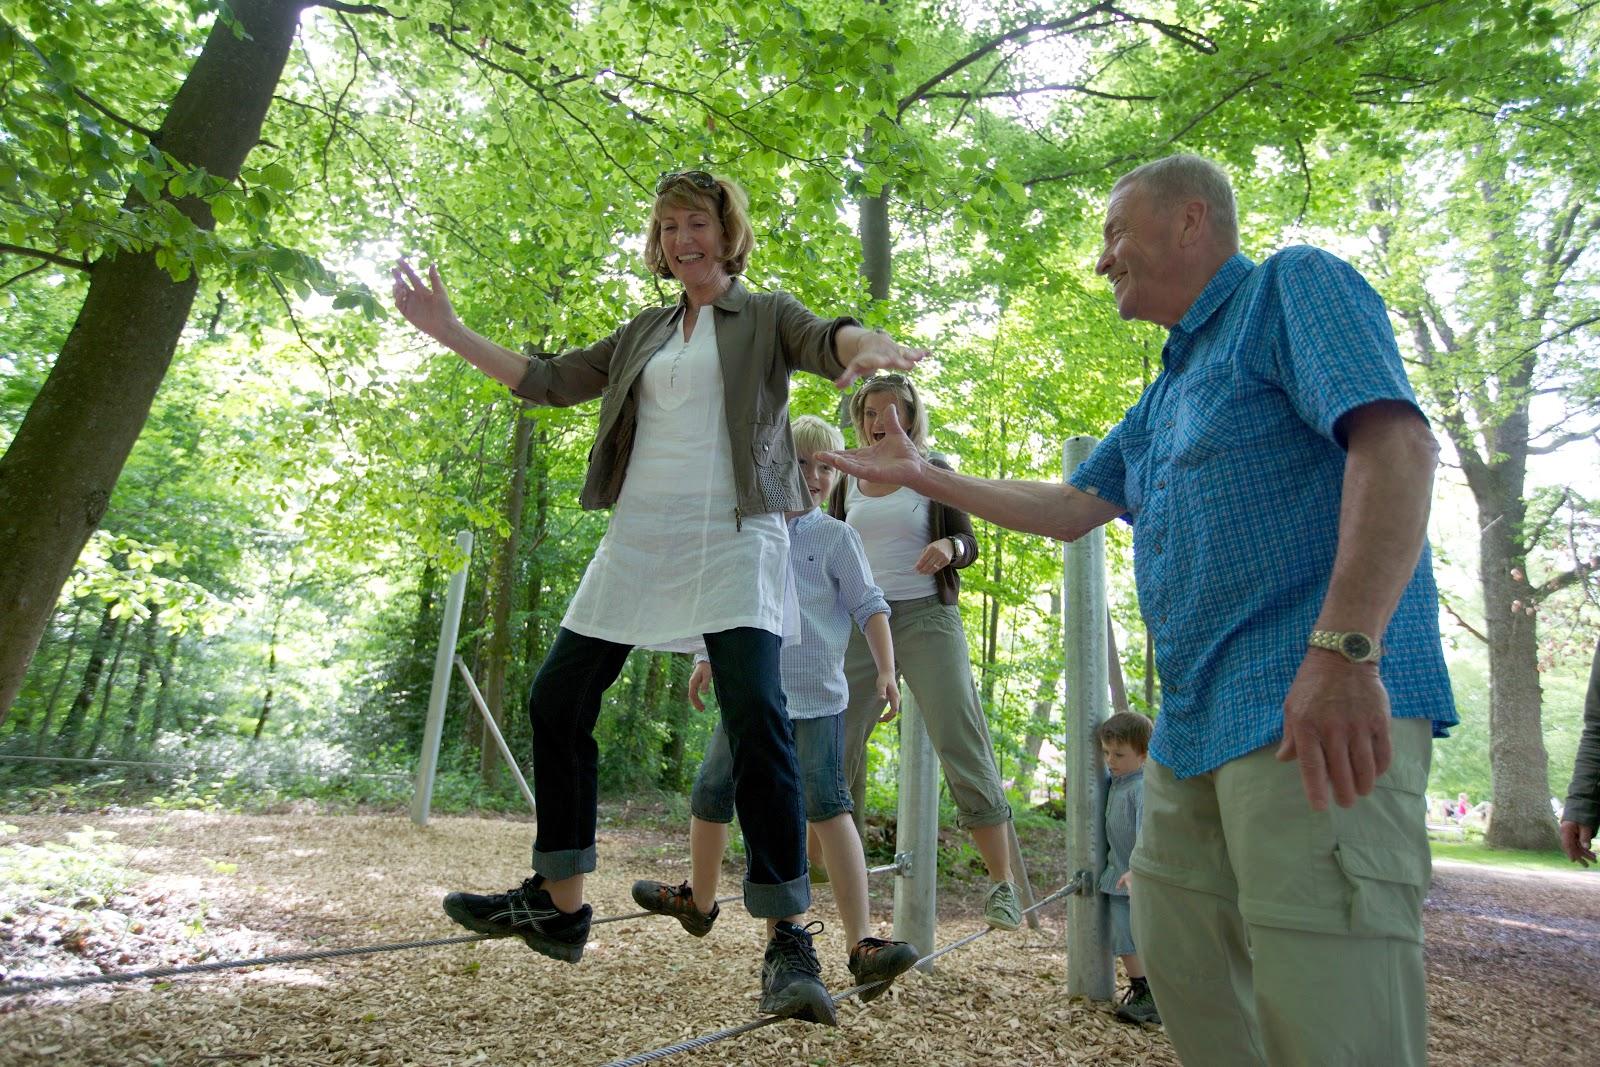 Hier siehst Du mehrere Leute im Generationen-Aktiv-Park in Schömberg beim Ausprobieren der Spielgeräte